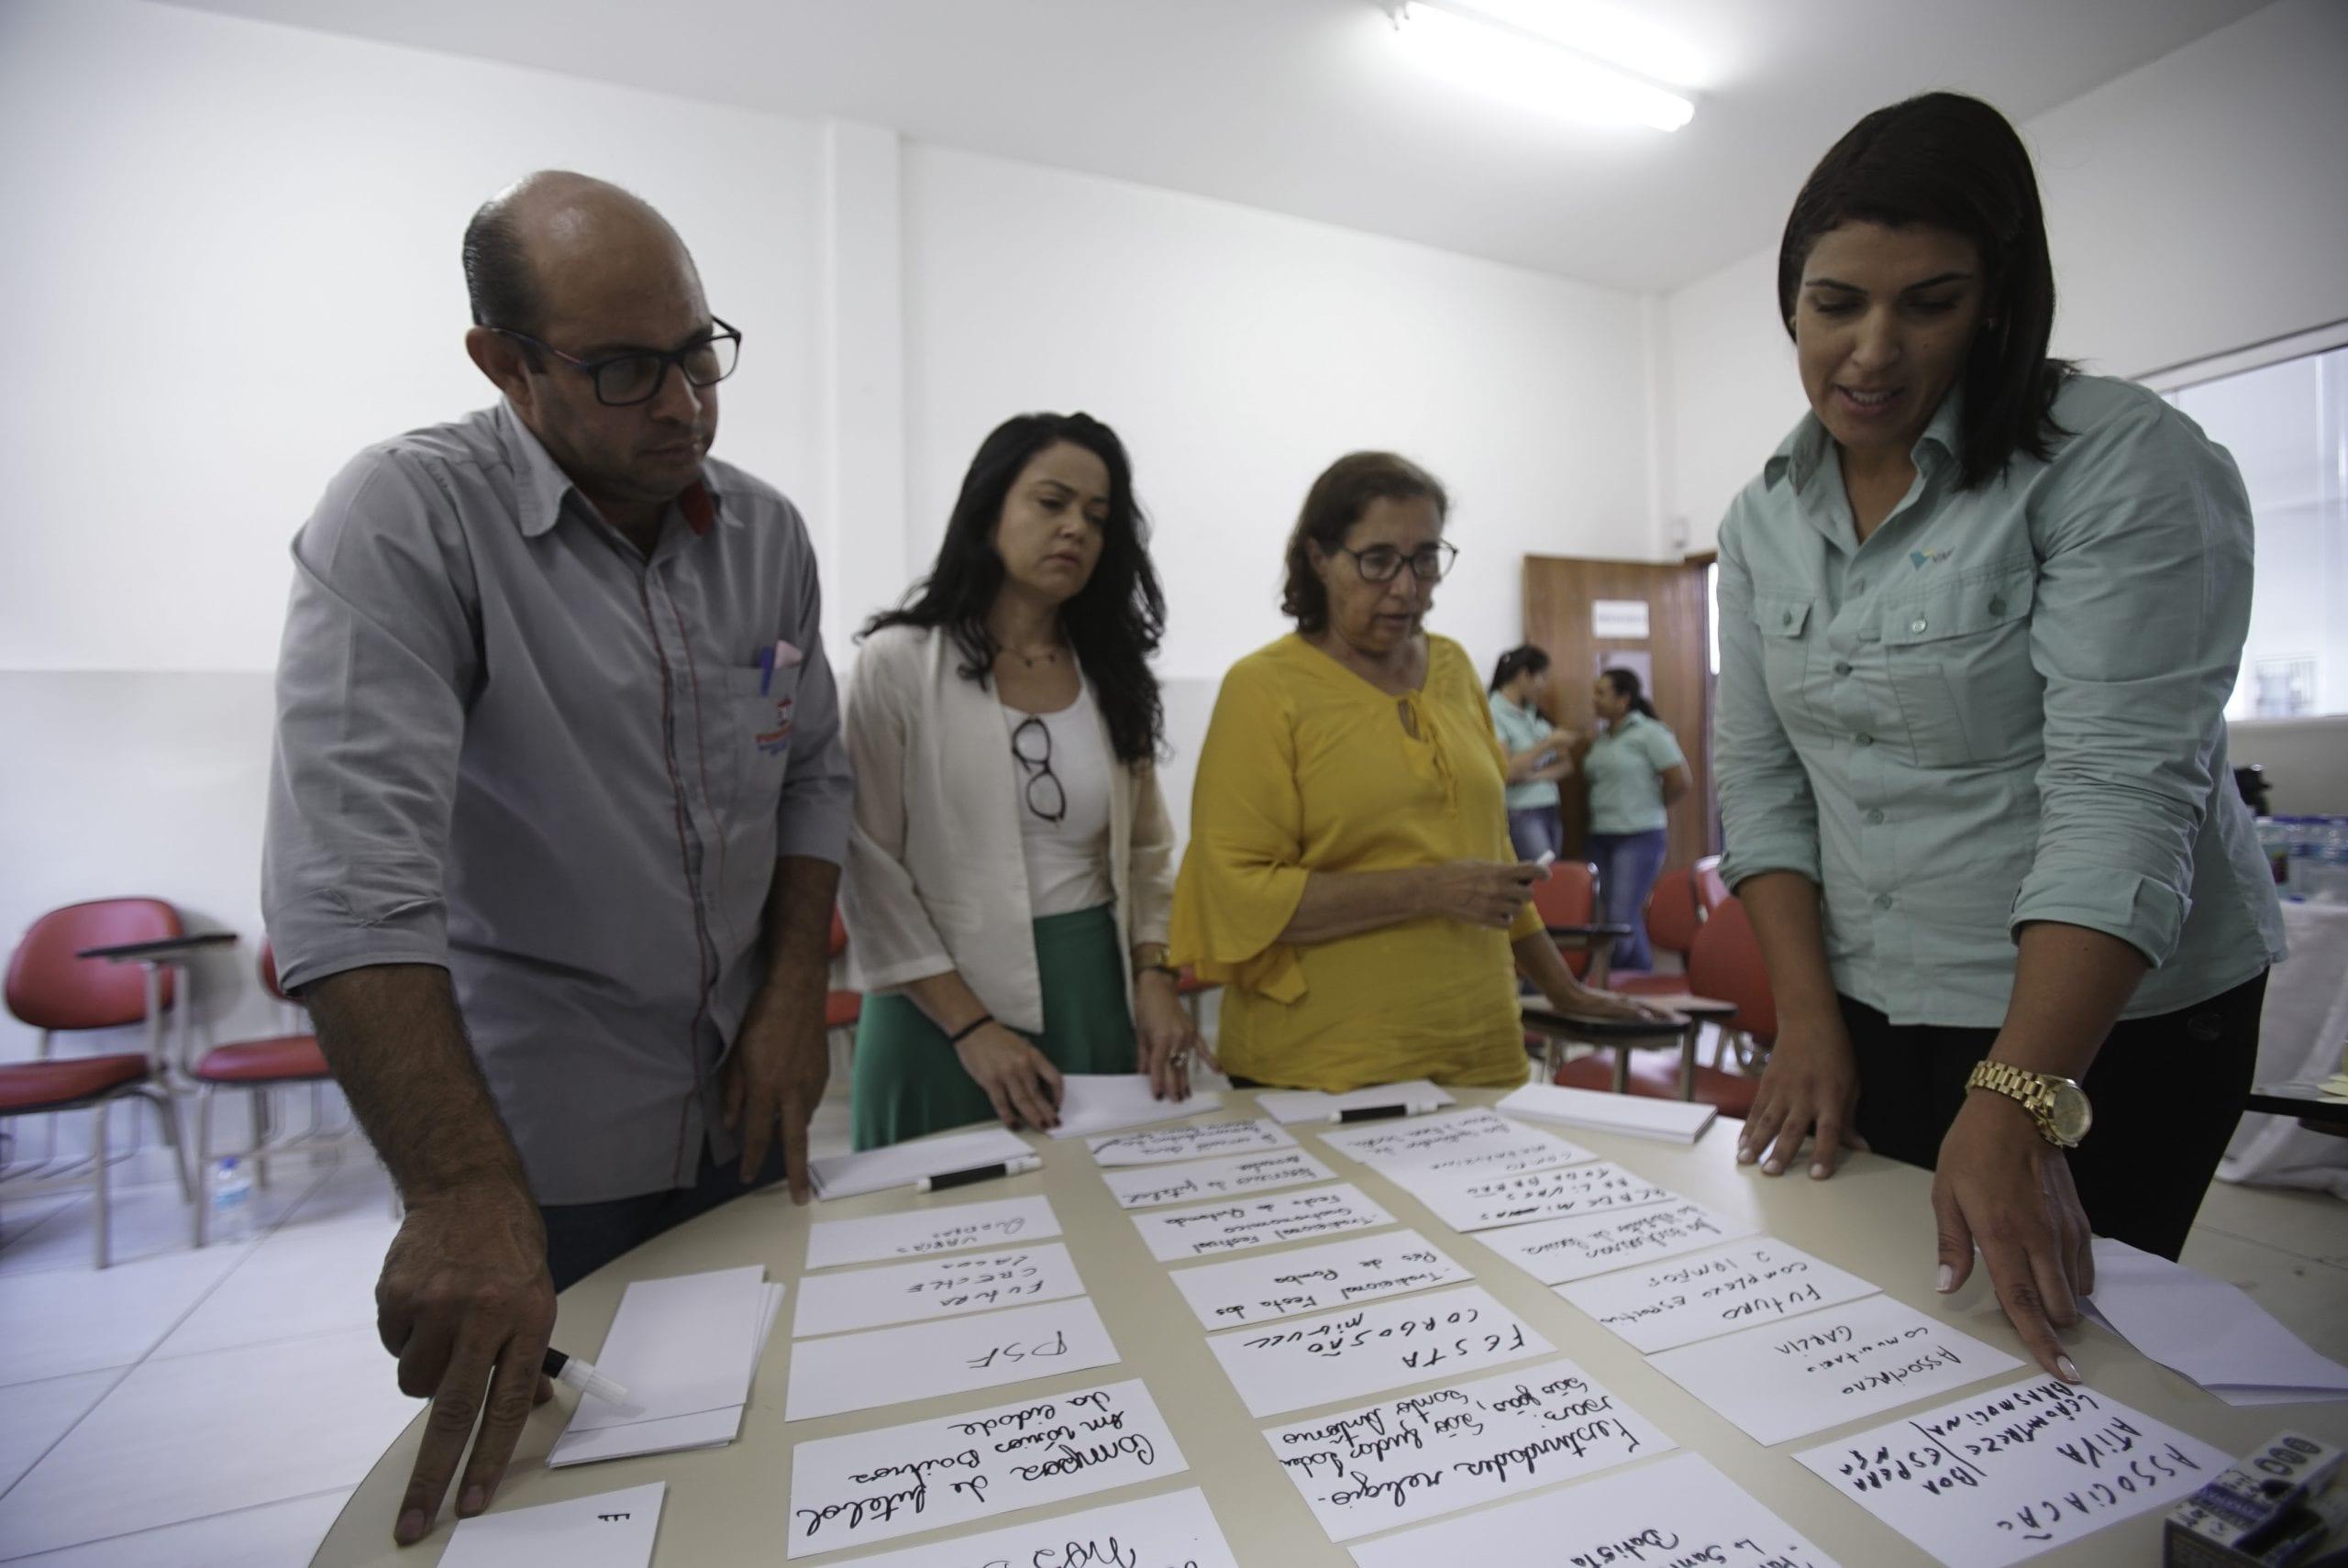 Consulta pública: Cocaienses participam de questionário e maioria pede ações de compensação voltadas à saúde